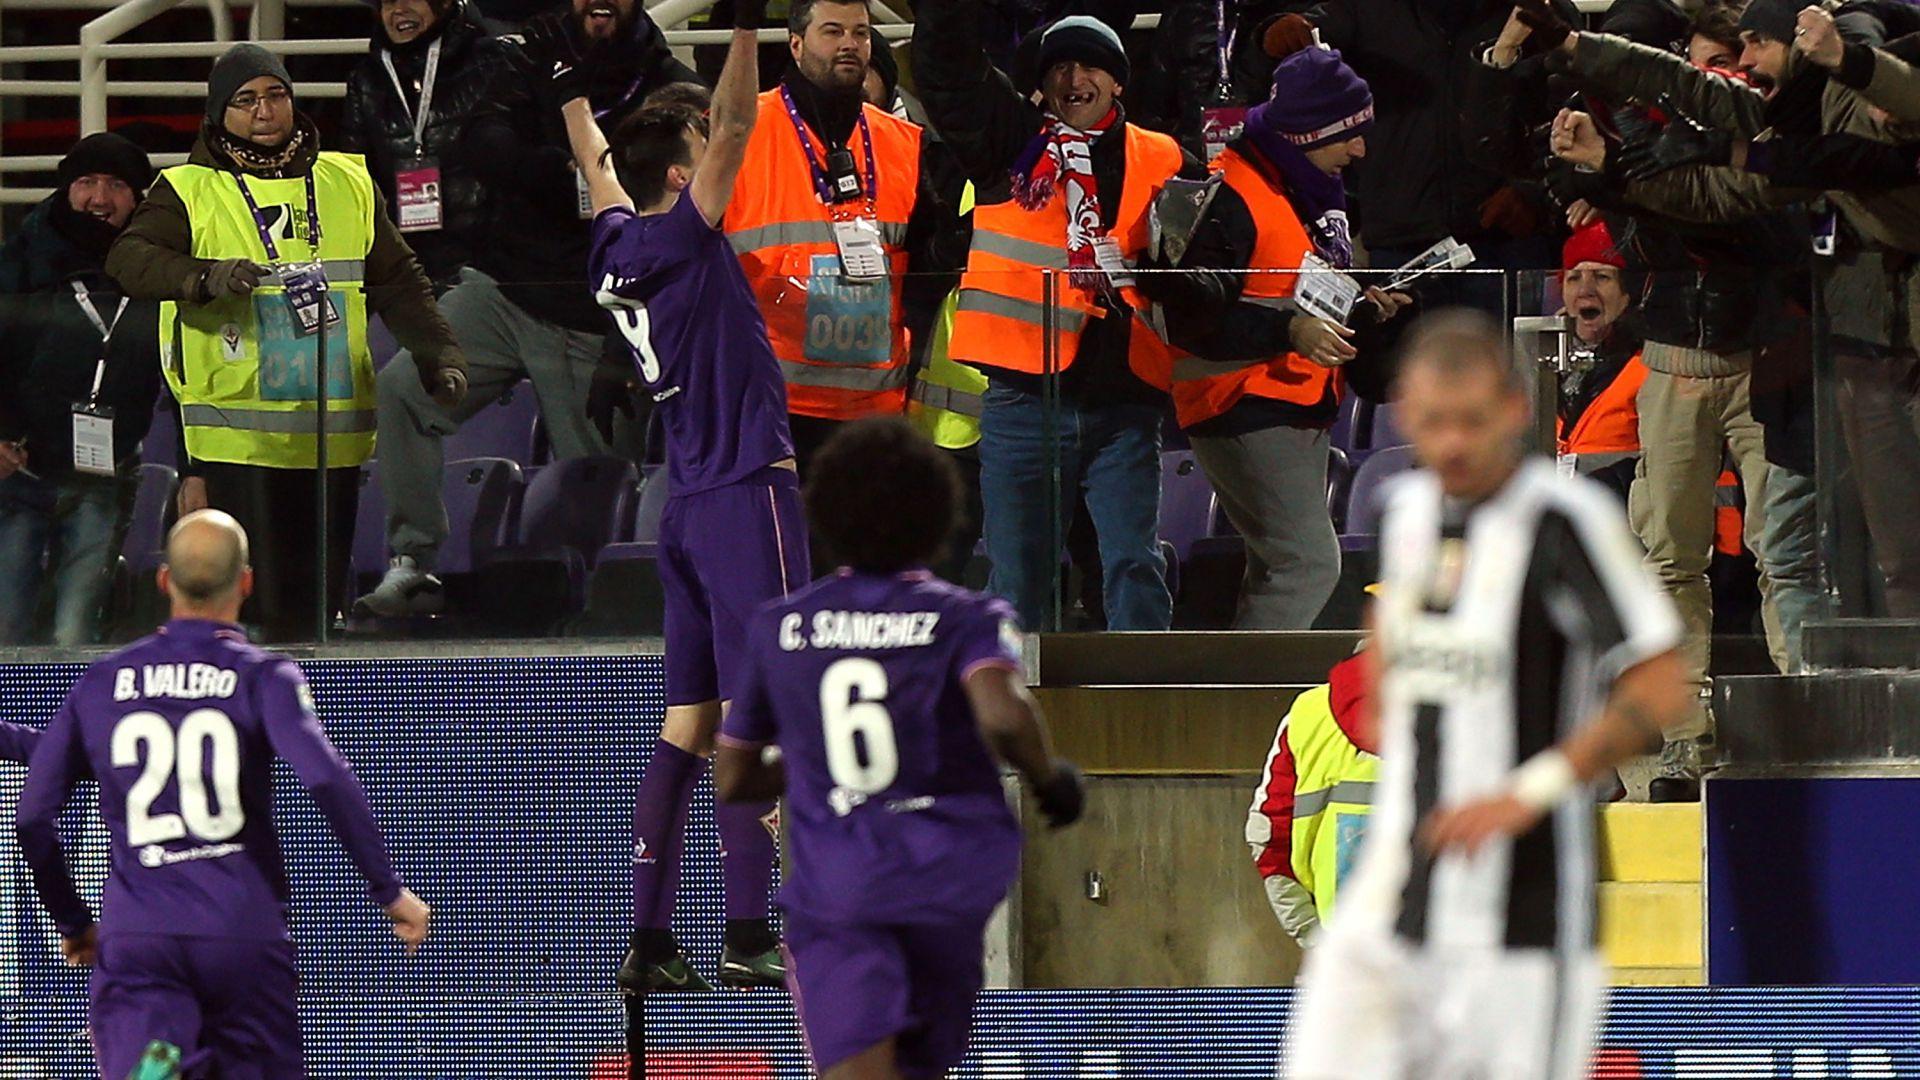 Kalinic esulta dopo l'1-0 contro la Juventus (la partita finirà 2-1 per i viola): a proposito di emozioni ipocrite